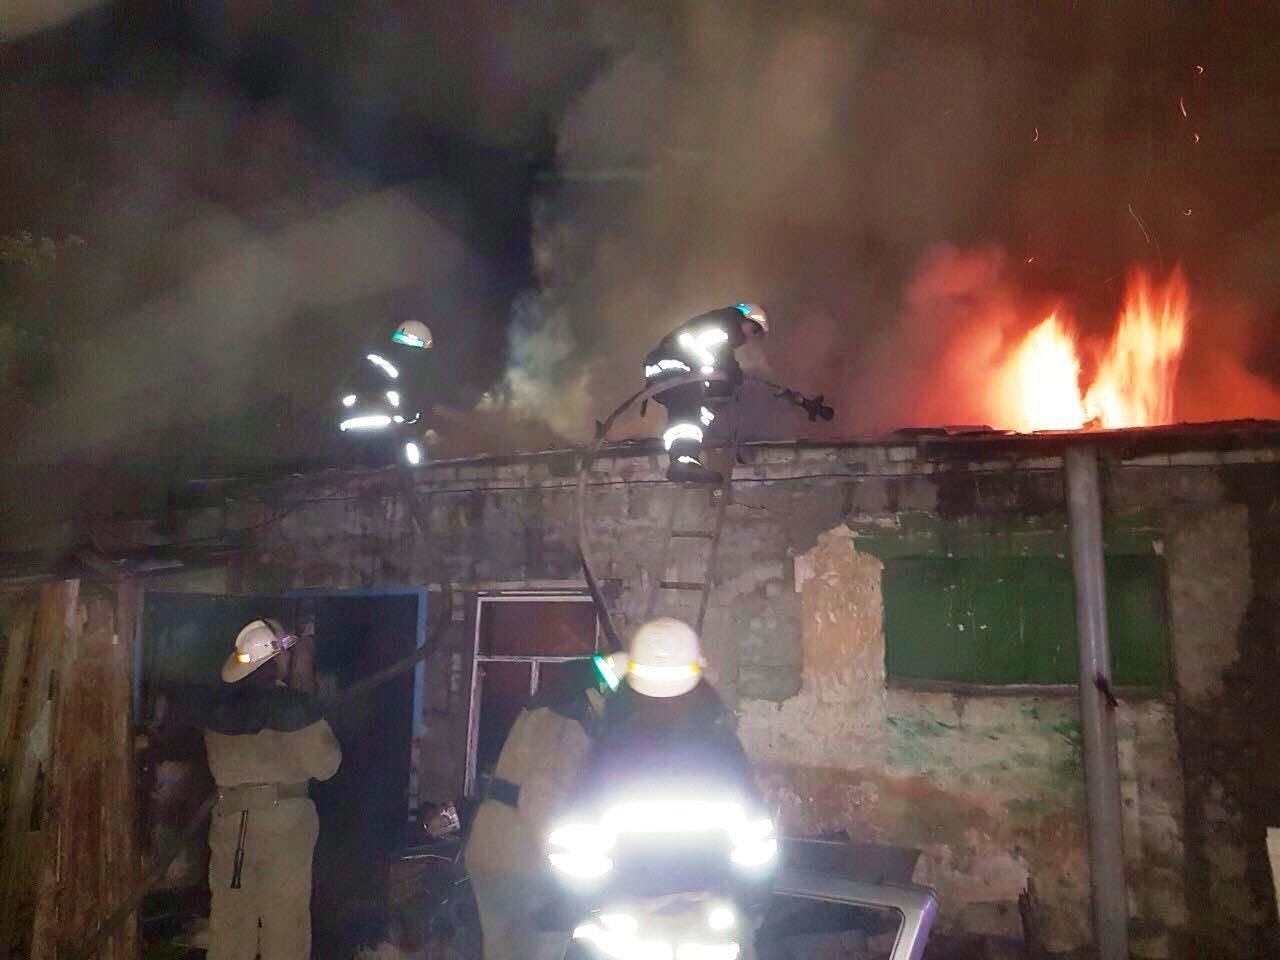 Повредил станки и уничтожил крышу: в столярной мастерской Каменского разбушевался огонь  , фото-2